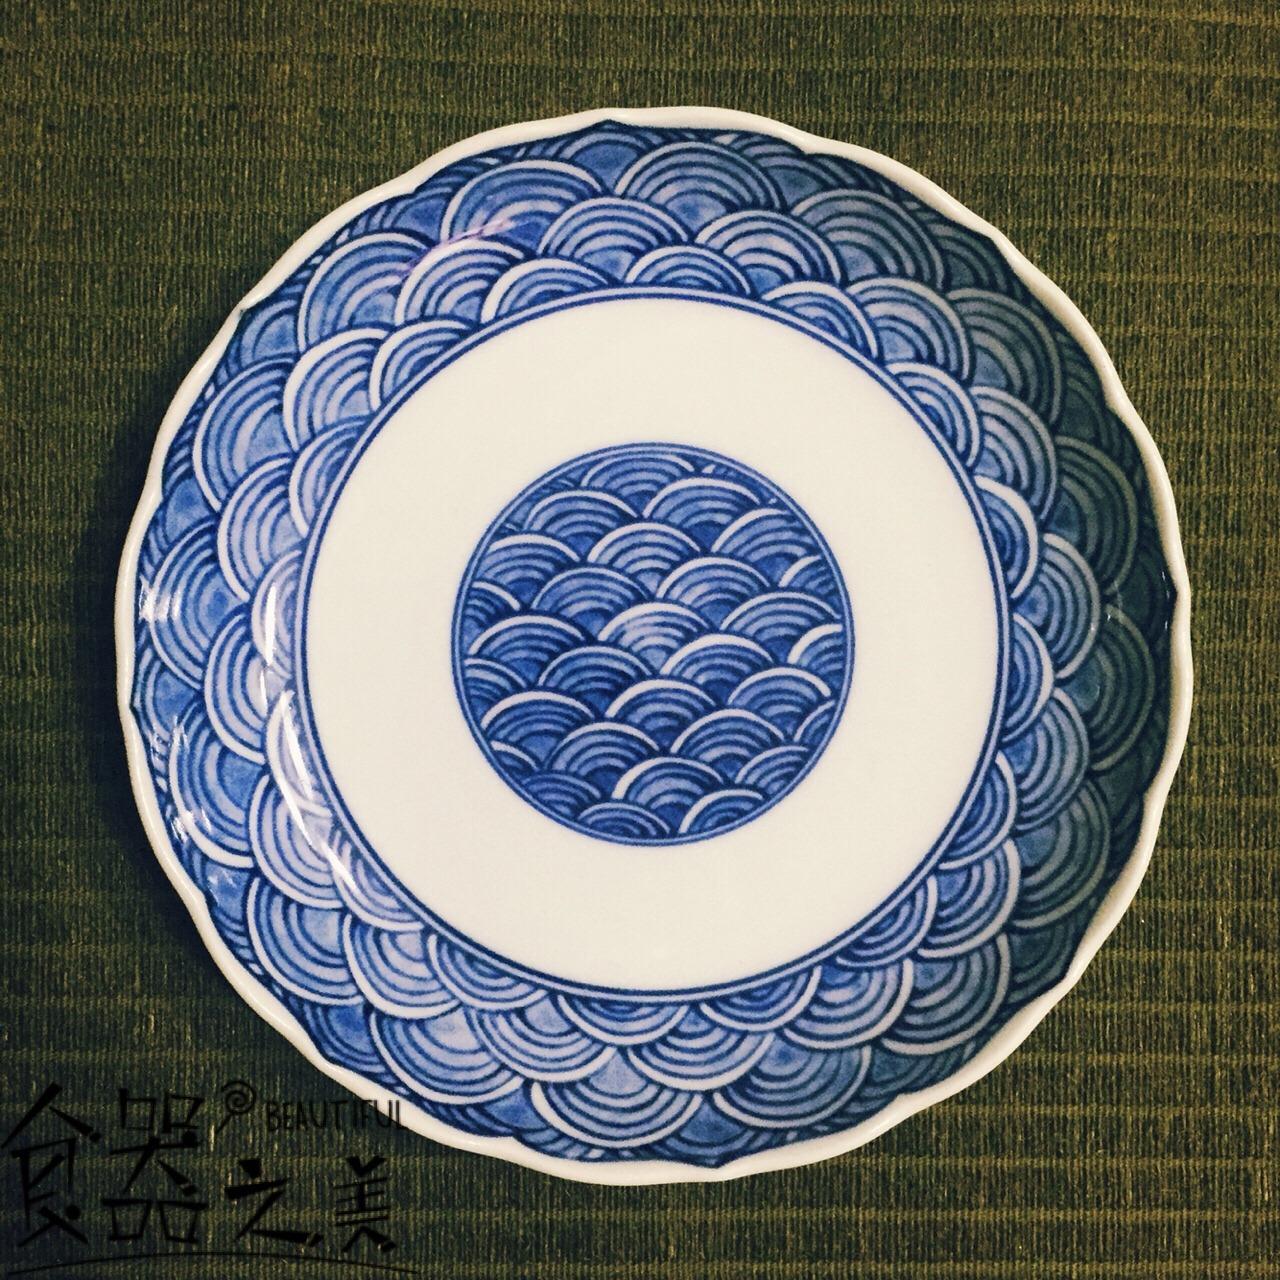 水波纹碟子_怎么样_水波纹是日式图案的绝对经典了